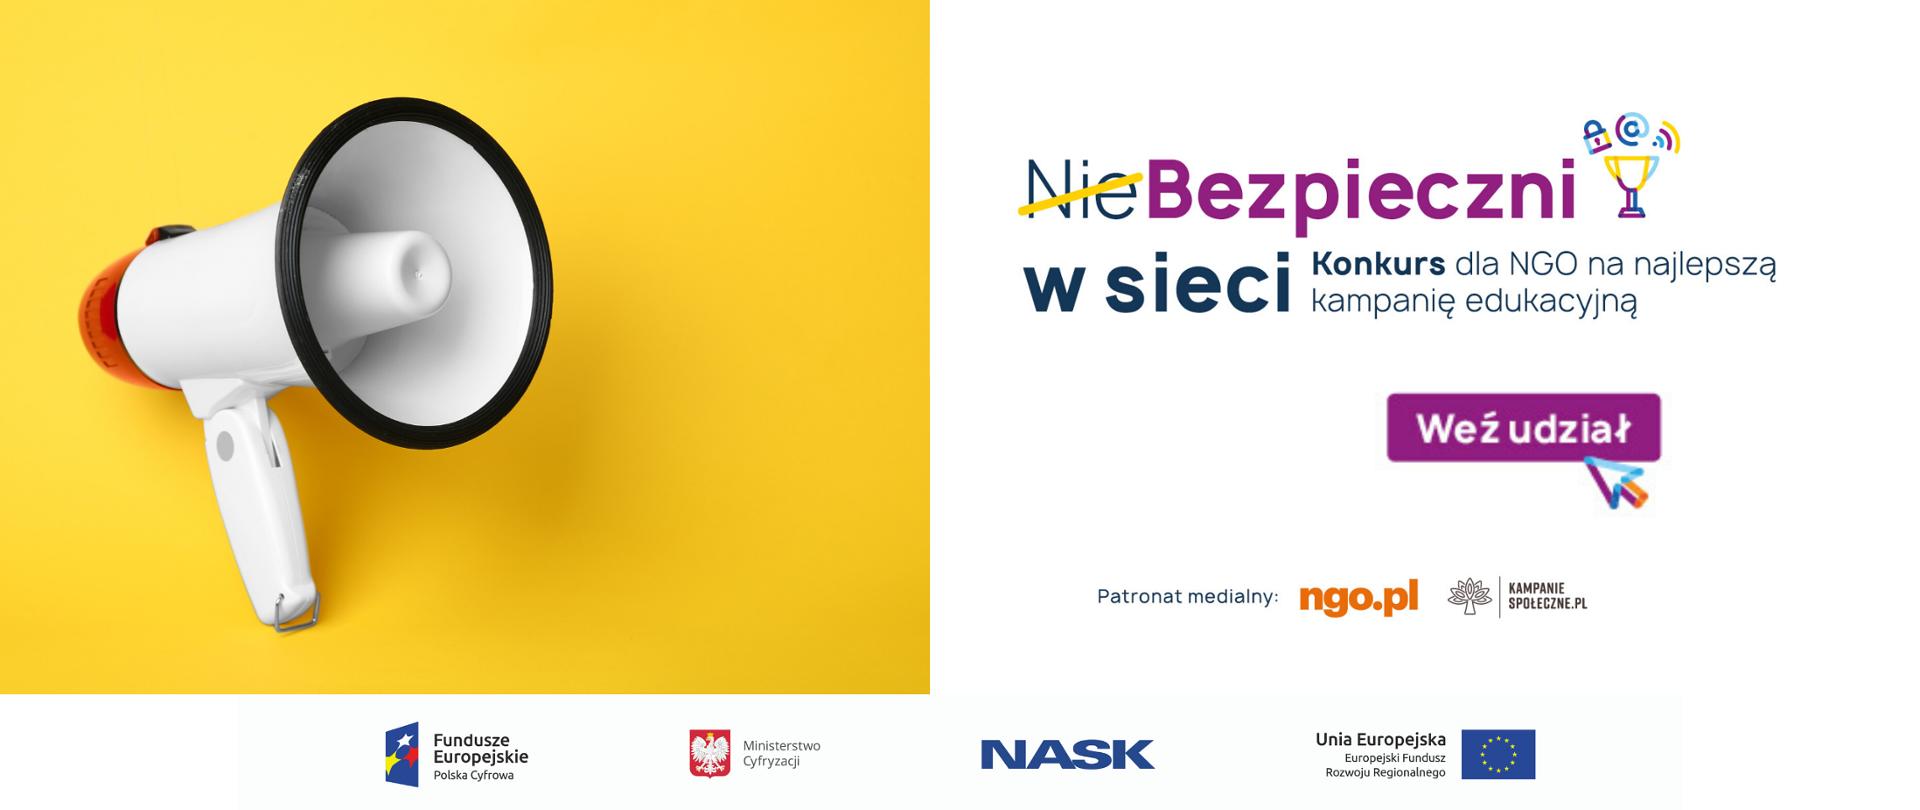 """Po lewej stronie megafon na żółtym tle, po prawej, na białym tle napis> Niebezpieczni w sieci. Konkurs dla NGO na najlepszą kampanię edukacyjną. """"Nie"""" w wyrazie niebezpieczni jest przekreślone żółtą kreską. Na środku ikona z napisem: weź udział i kolorową strzałką. Poniżej napis patronat medialny i logotypy ngo.pl oraz kampaniespoleczne.pl"""